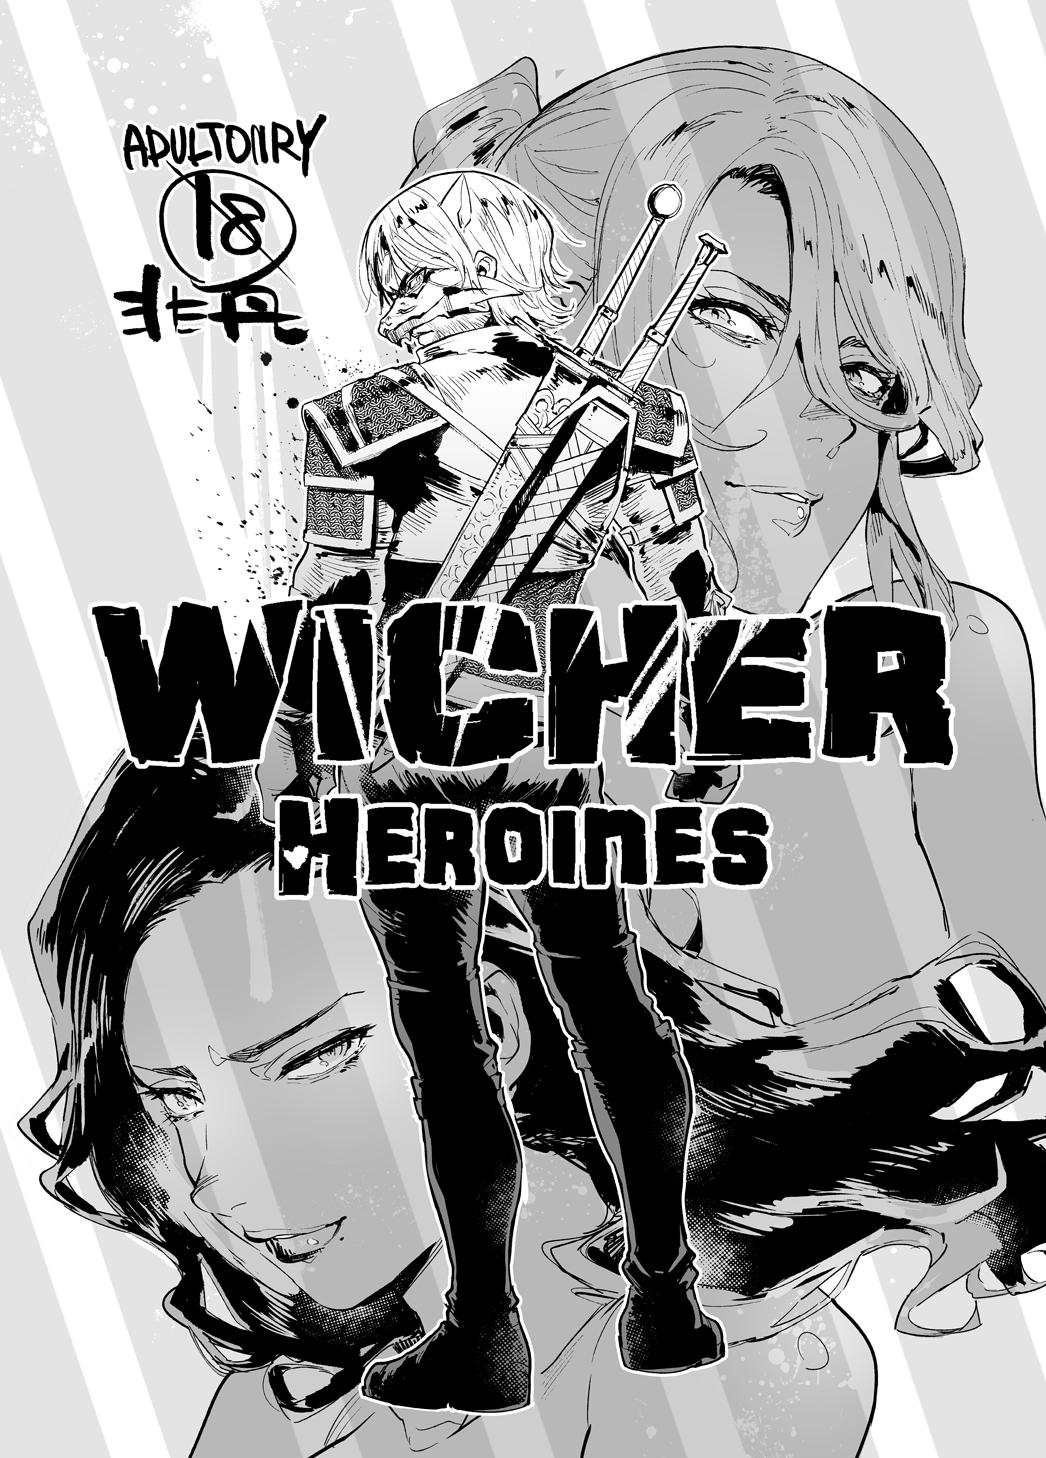 【同人誌】witcher3ヒロイン本高解像度DL版日本語&セリフなし